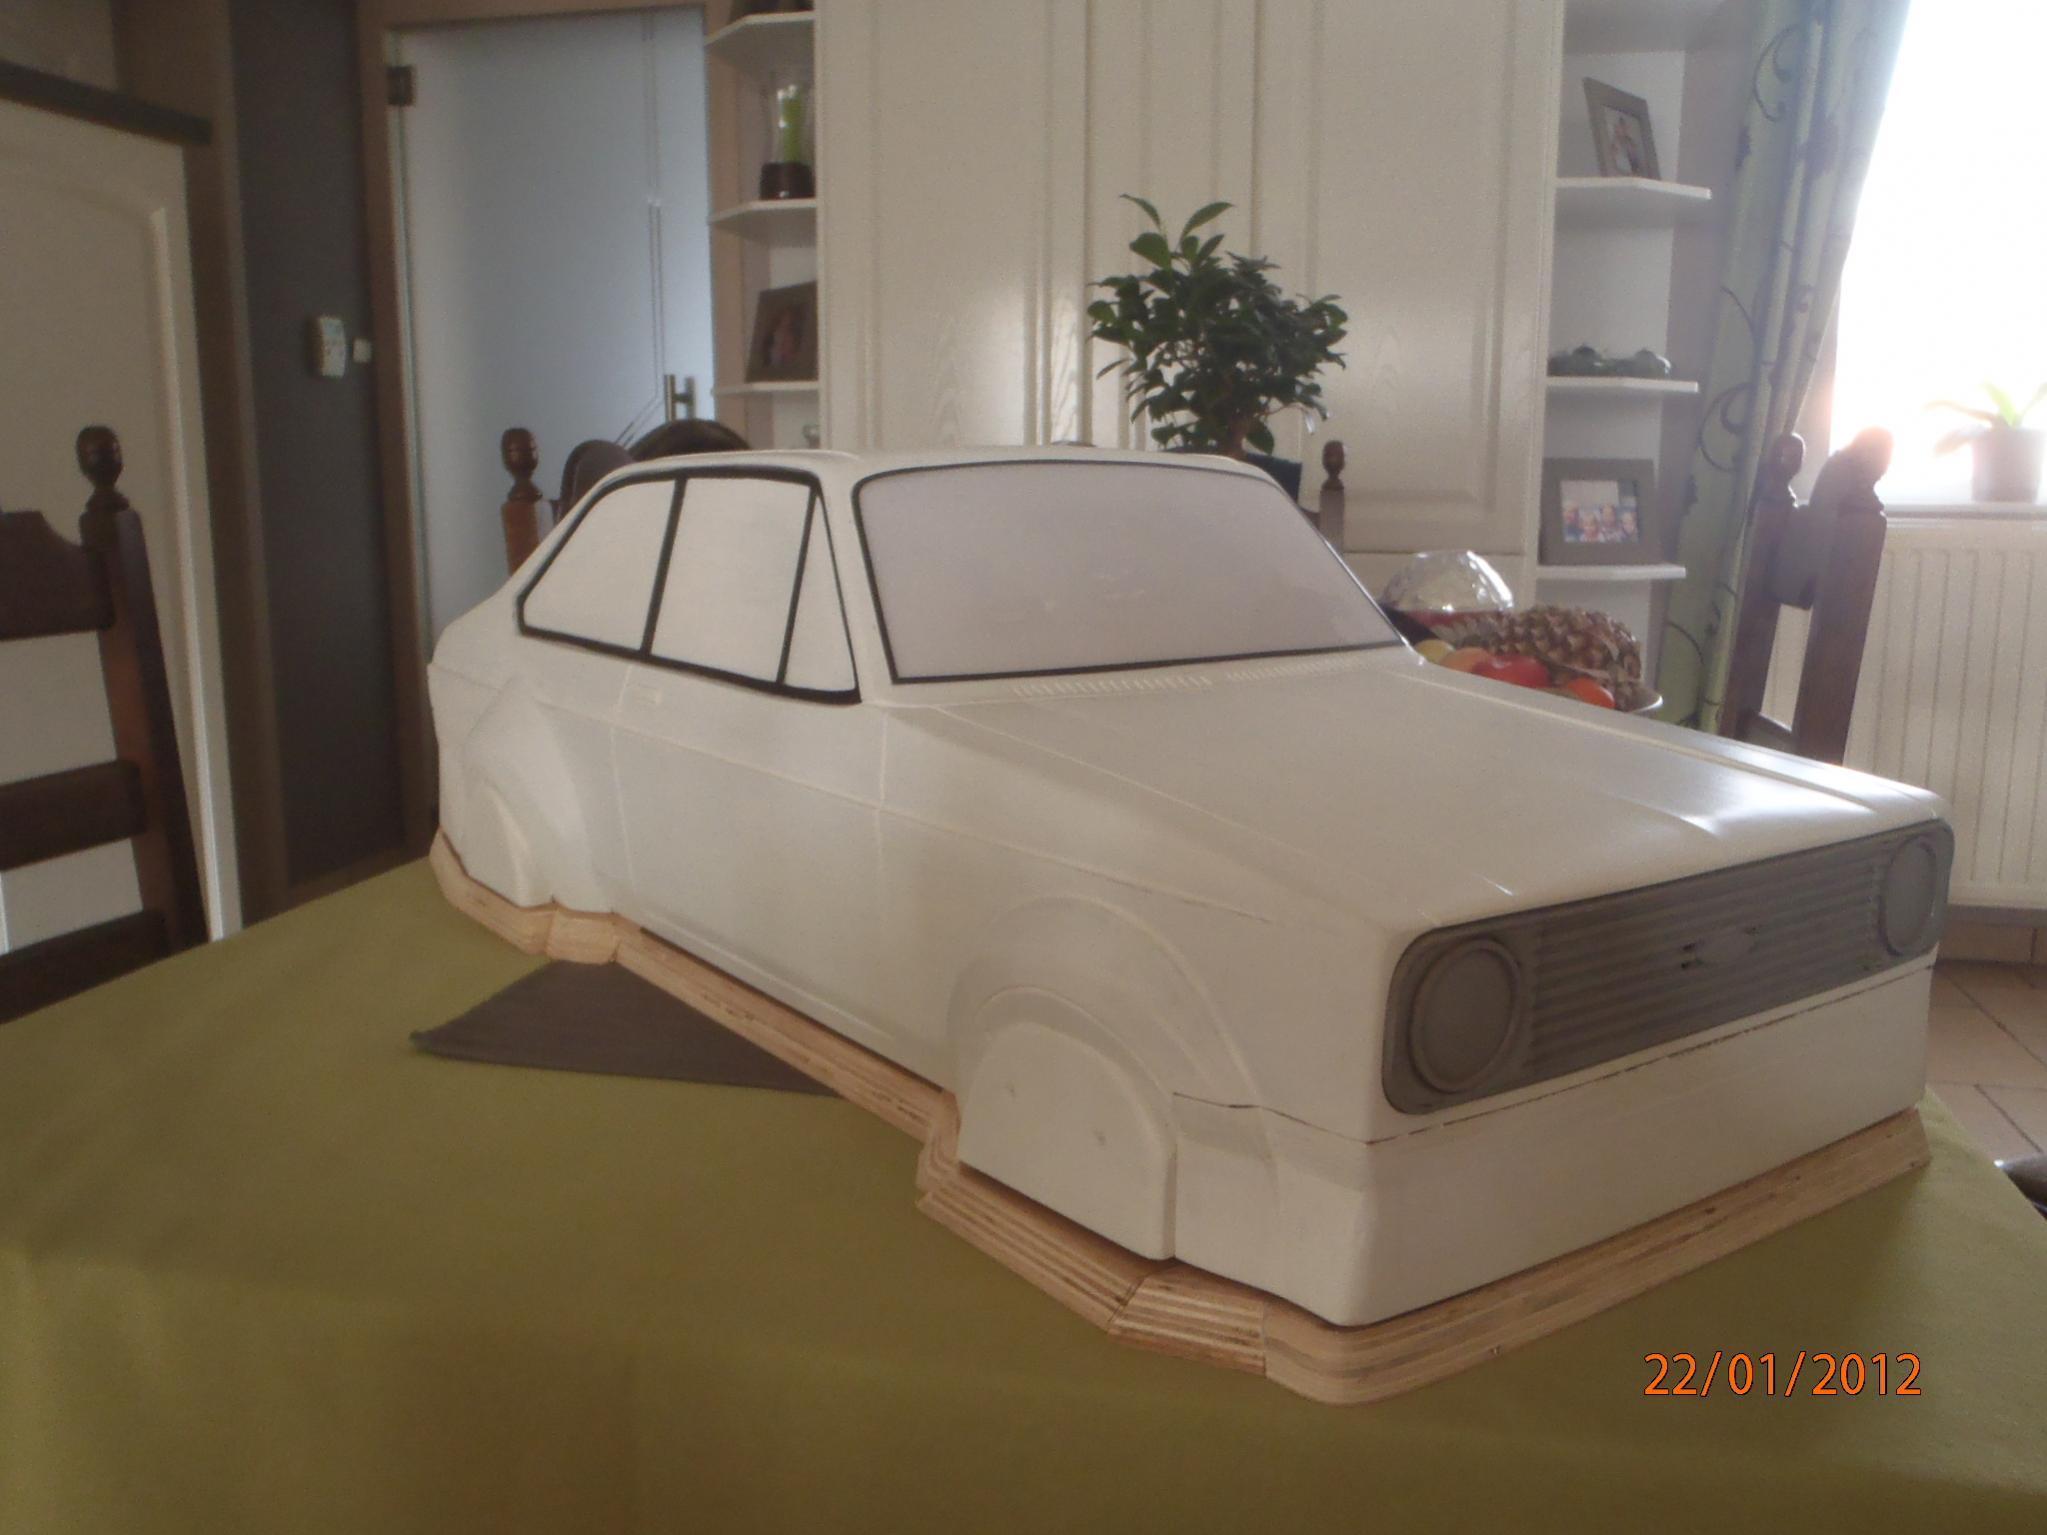 Ford escort MK II 1/5-p1220157.jpg ...